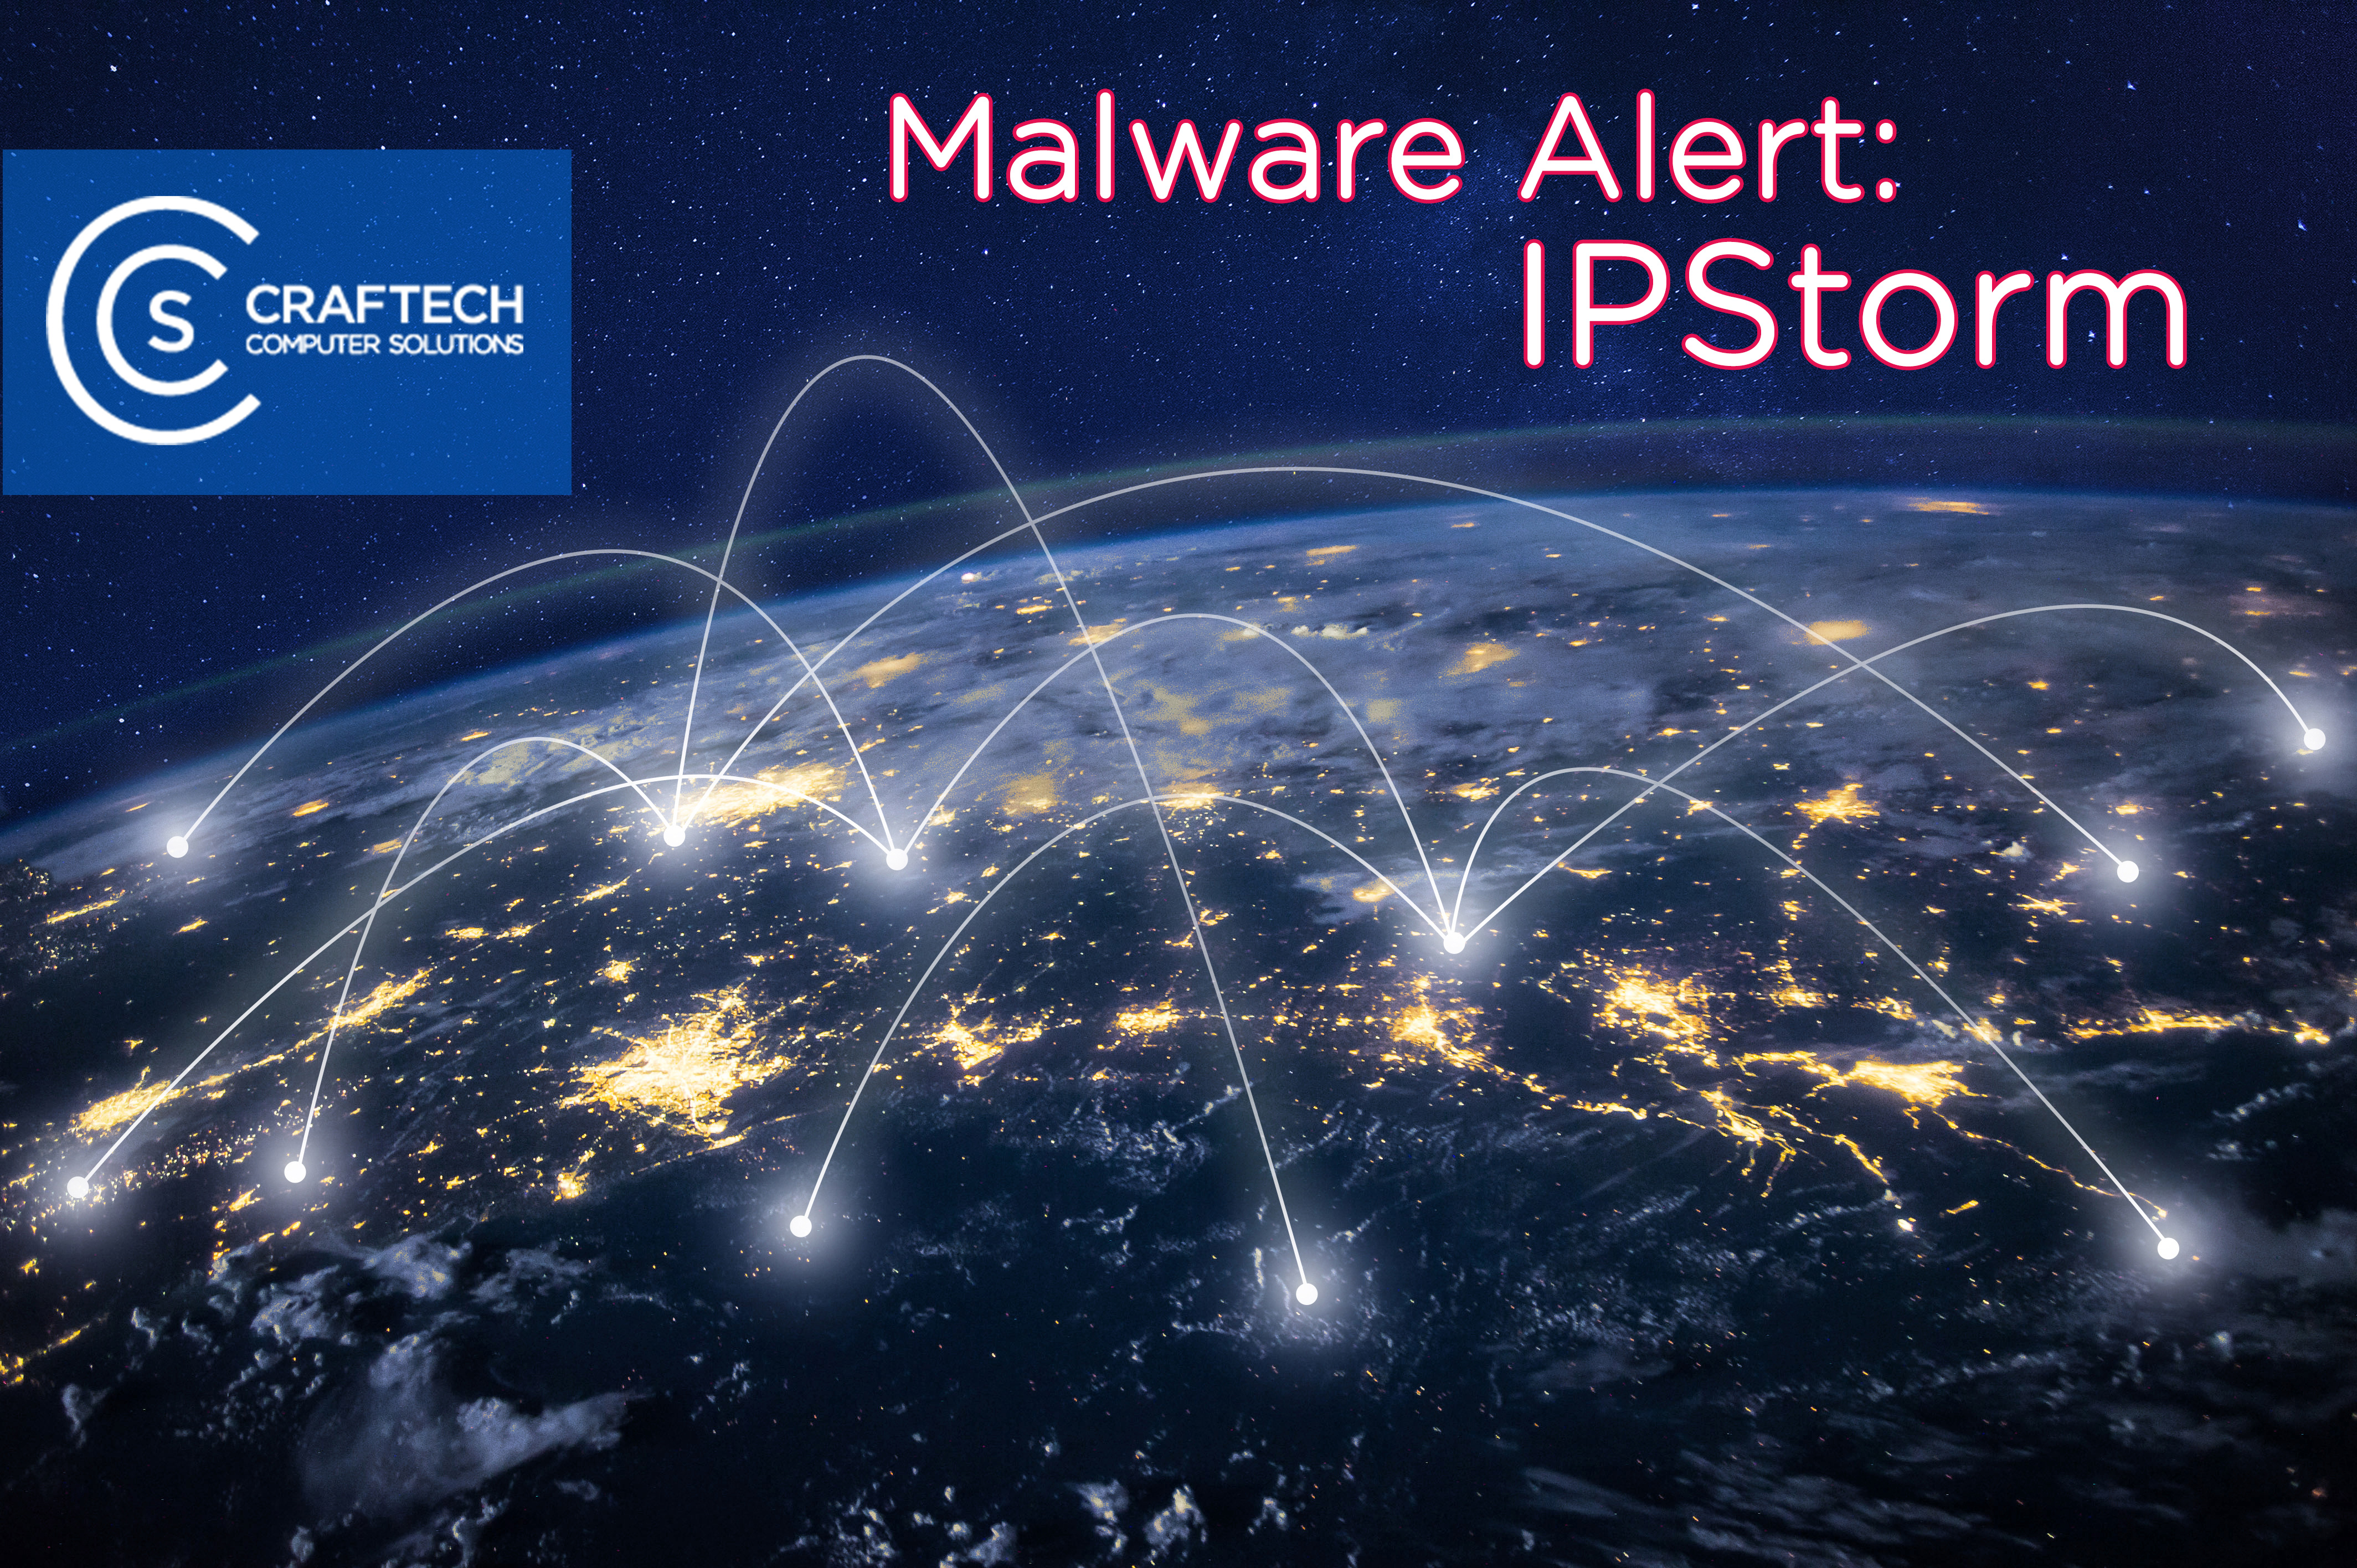 Malware Alert: IPStorm